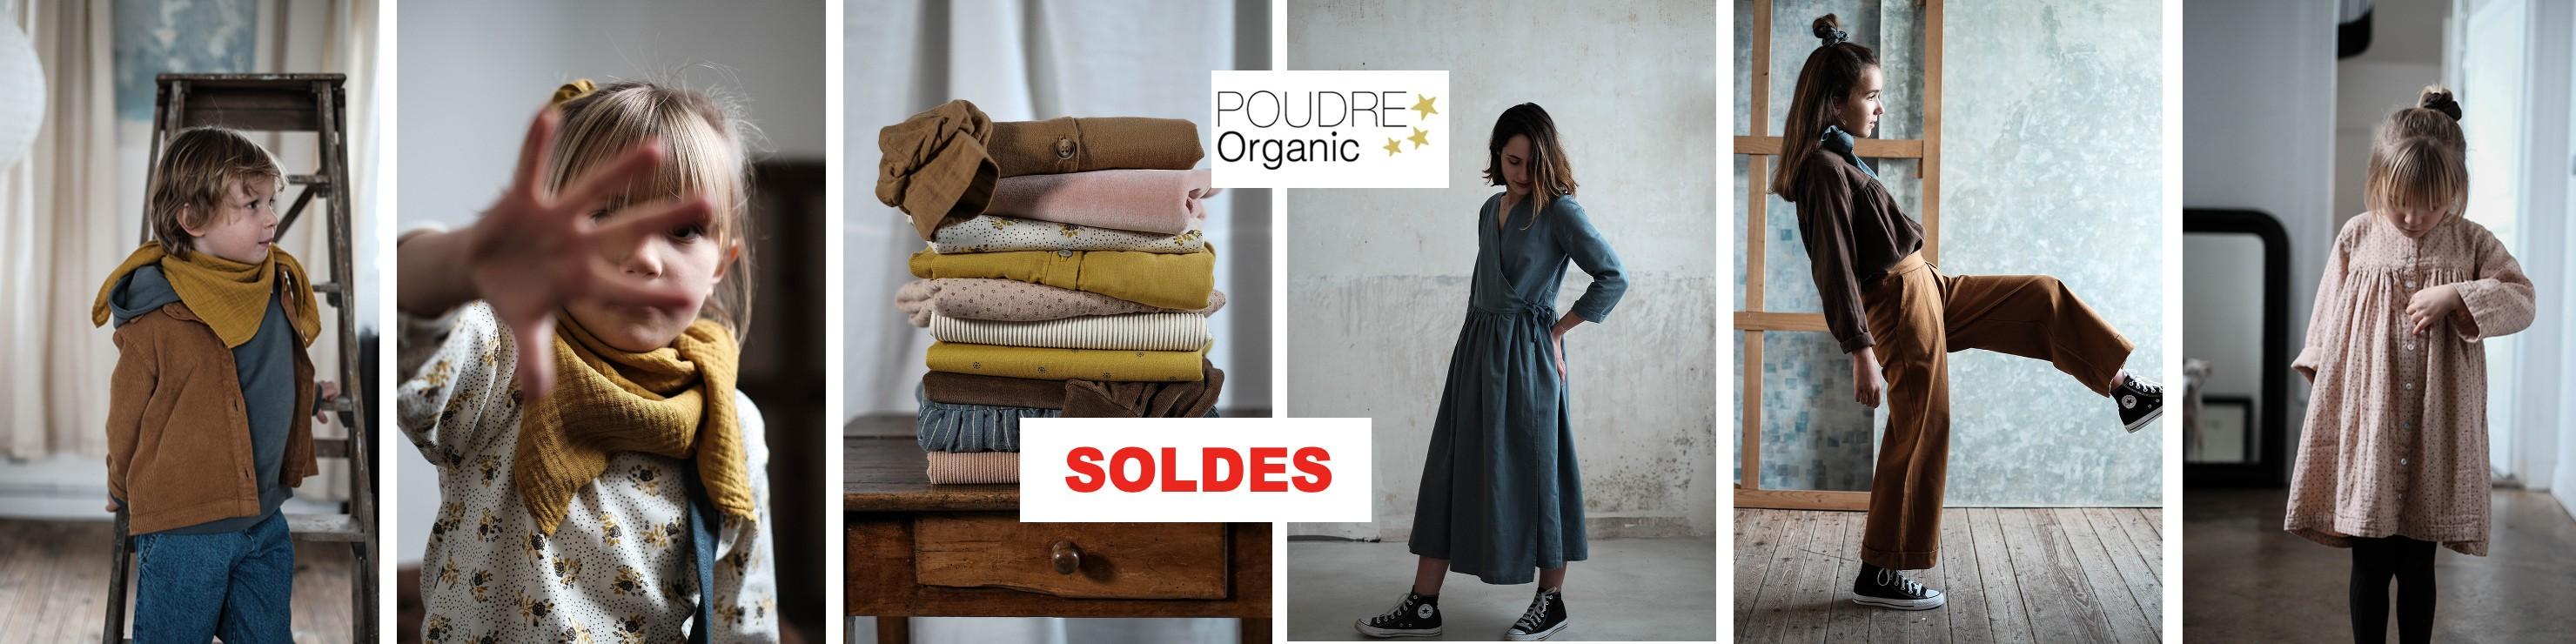 Découvrez les soldes de la collection automne/hiver 2020 de Poudre Organic, la marque française engagée et responsable pour vos enfants : Les Ormes